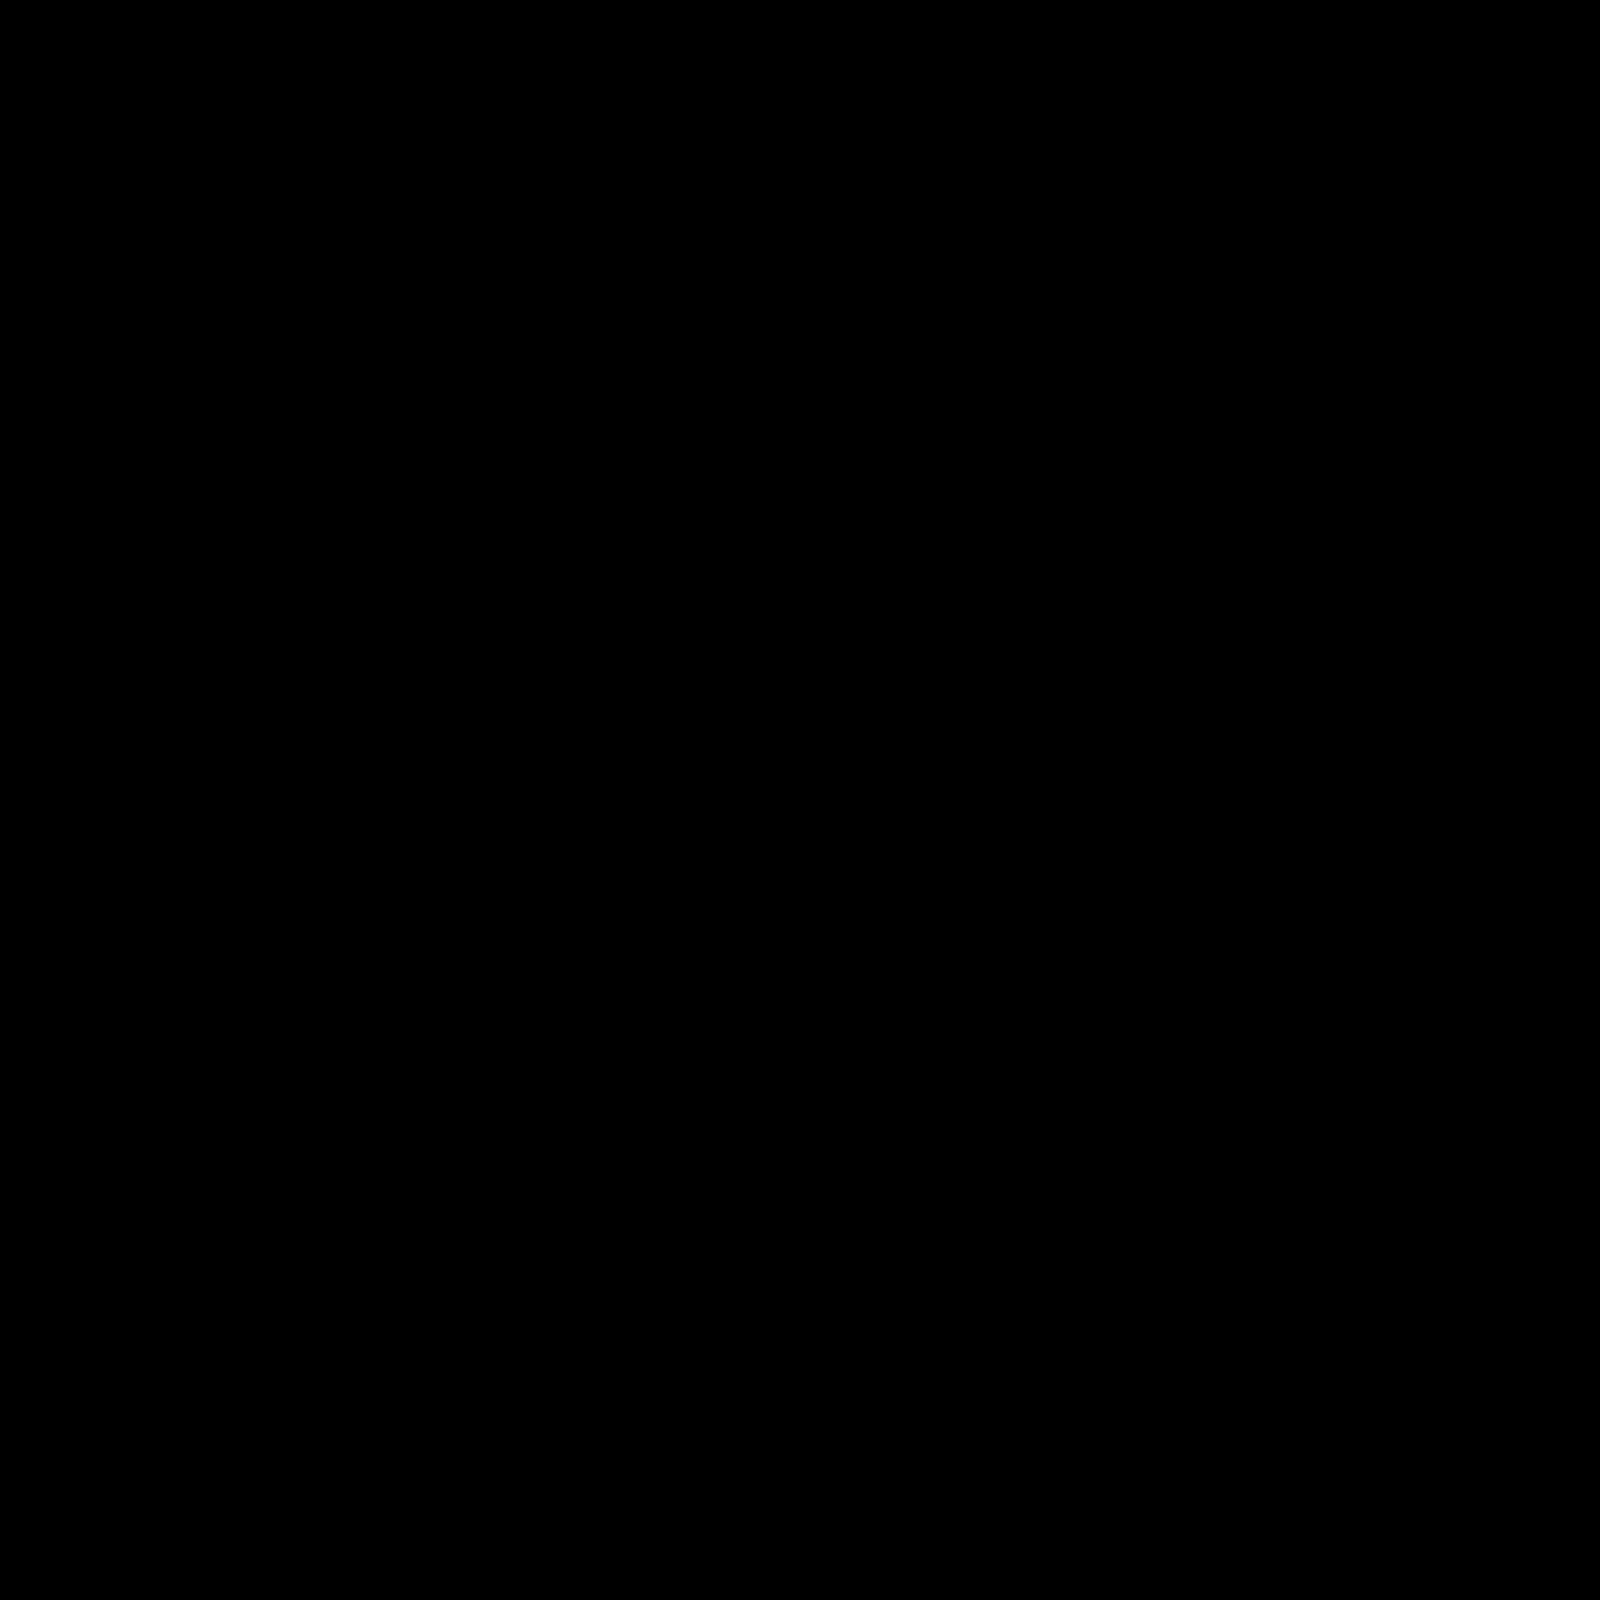 Clarinet Vector